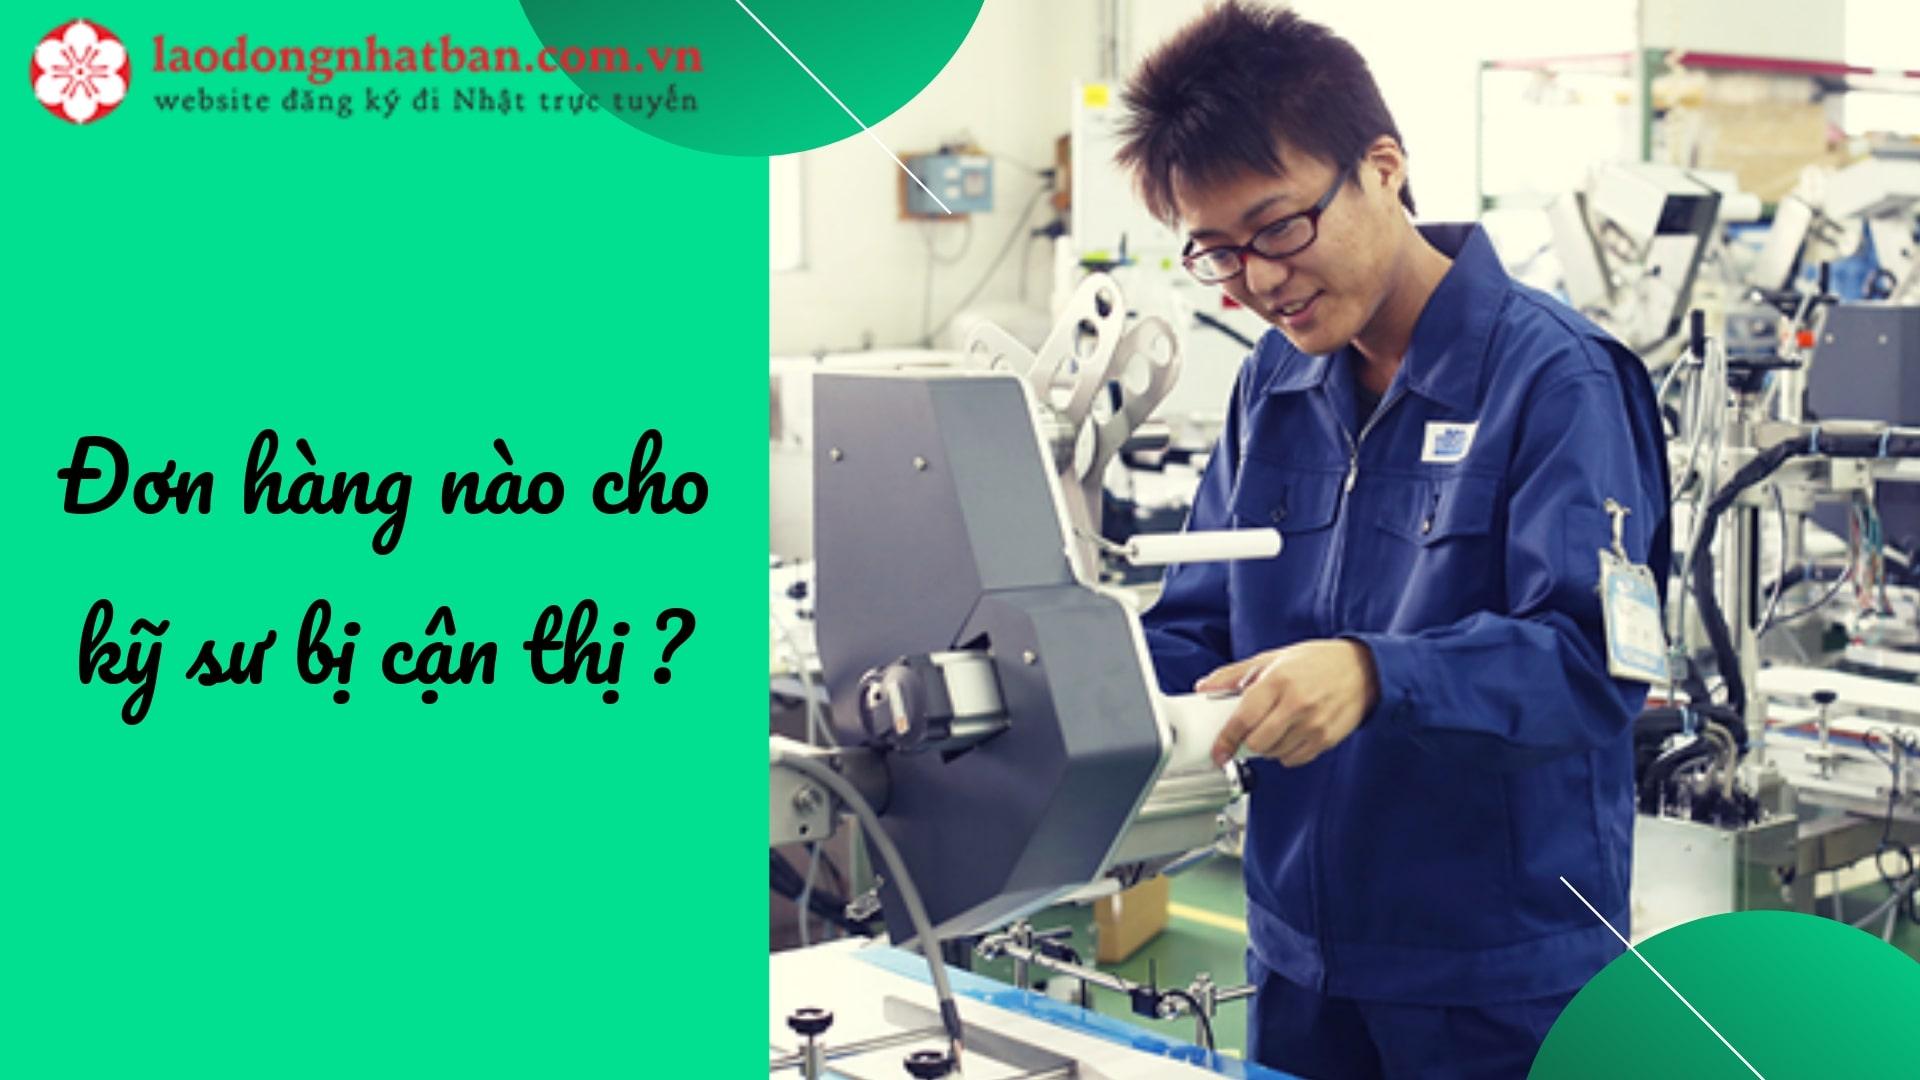 Bị cận thị thì nên chọn đơn hàng nào khi đi kỹ sư Nhật Bản ?